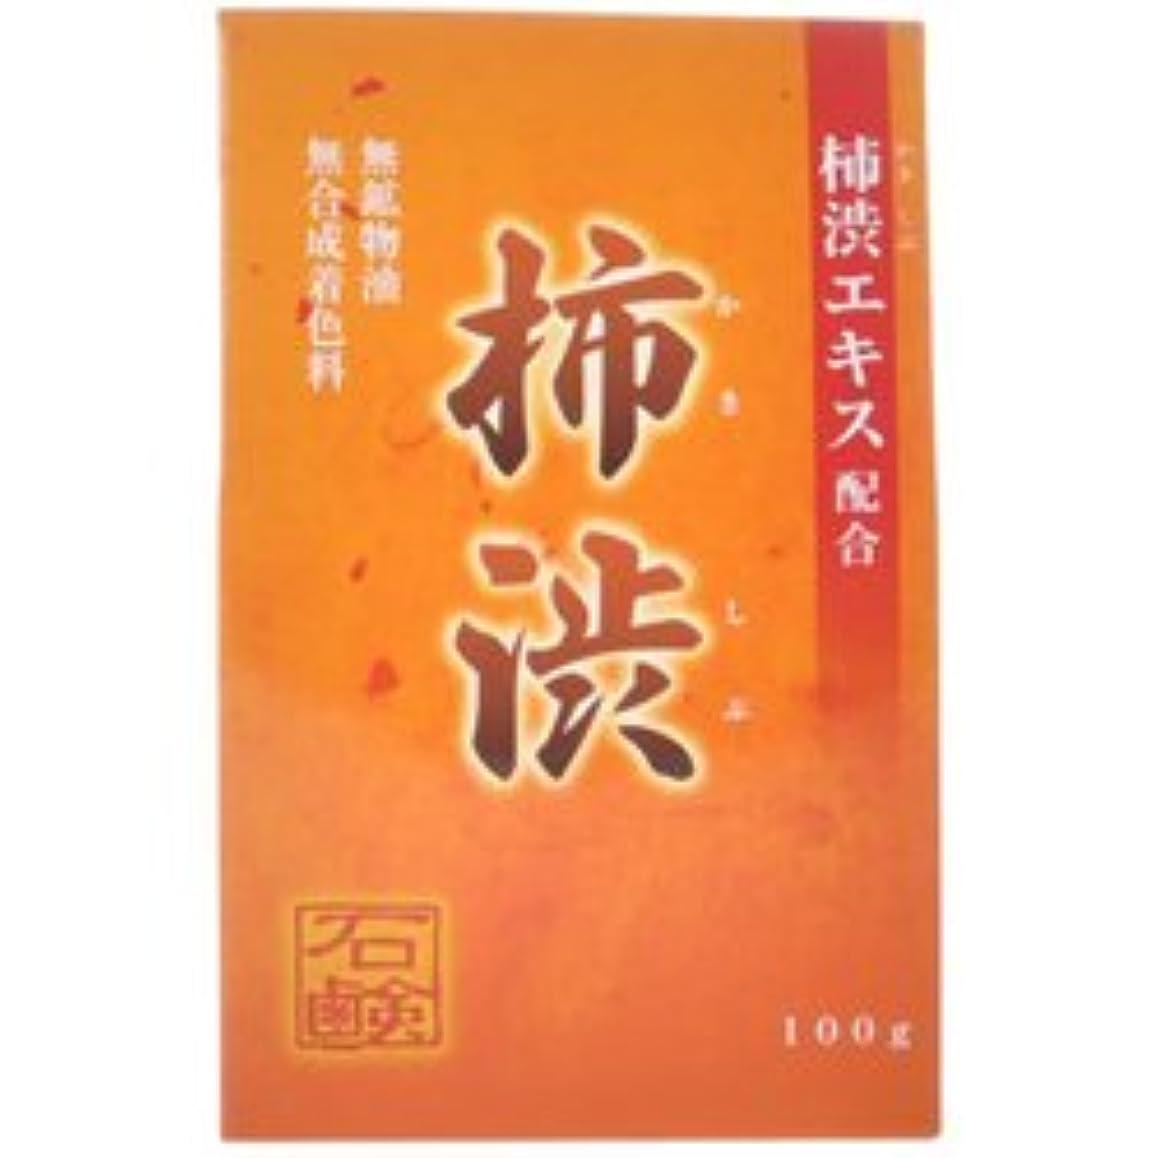 【アール?エイチ?ビープロダクト】新 柿渋石鹸 100g ×10個セット